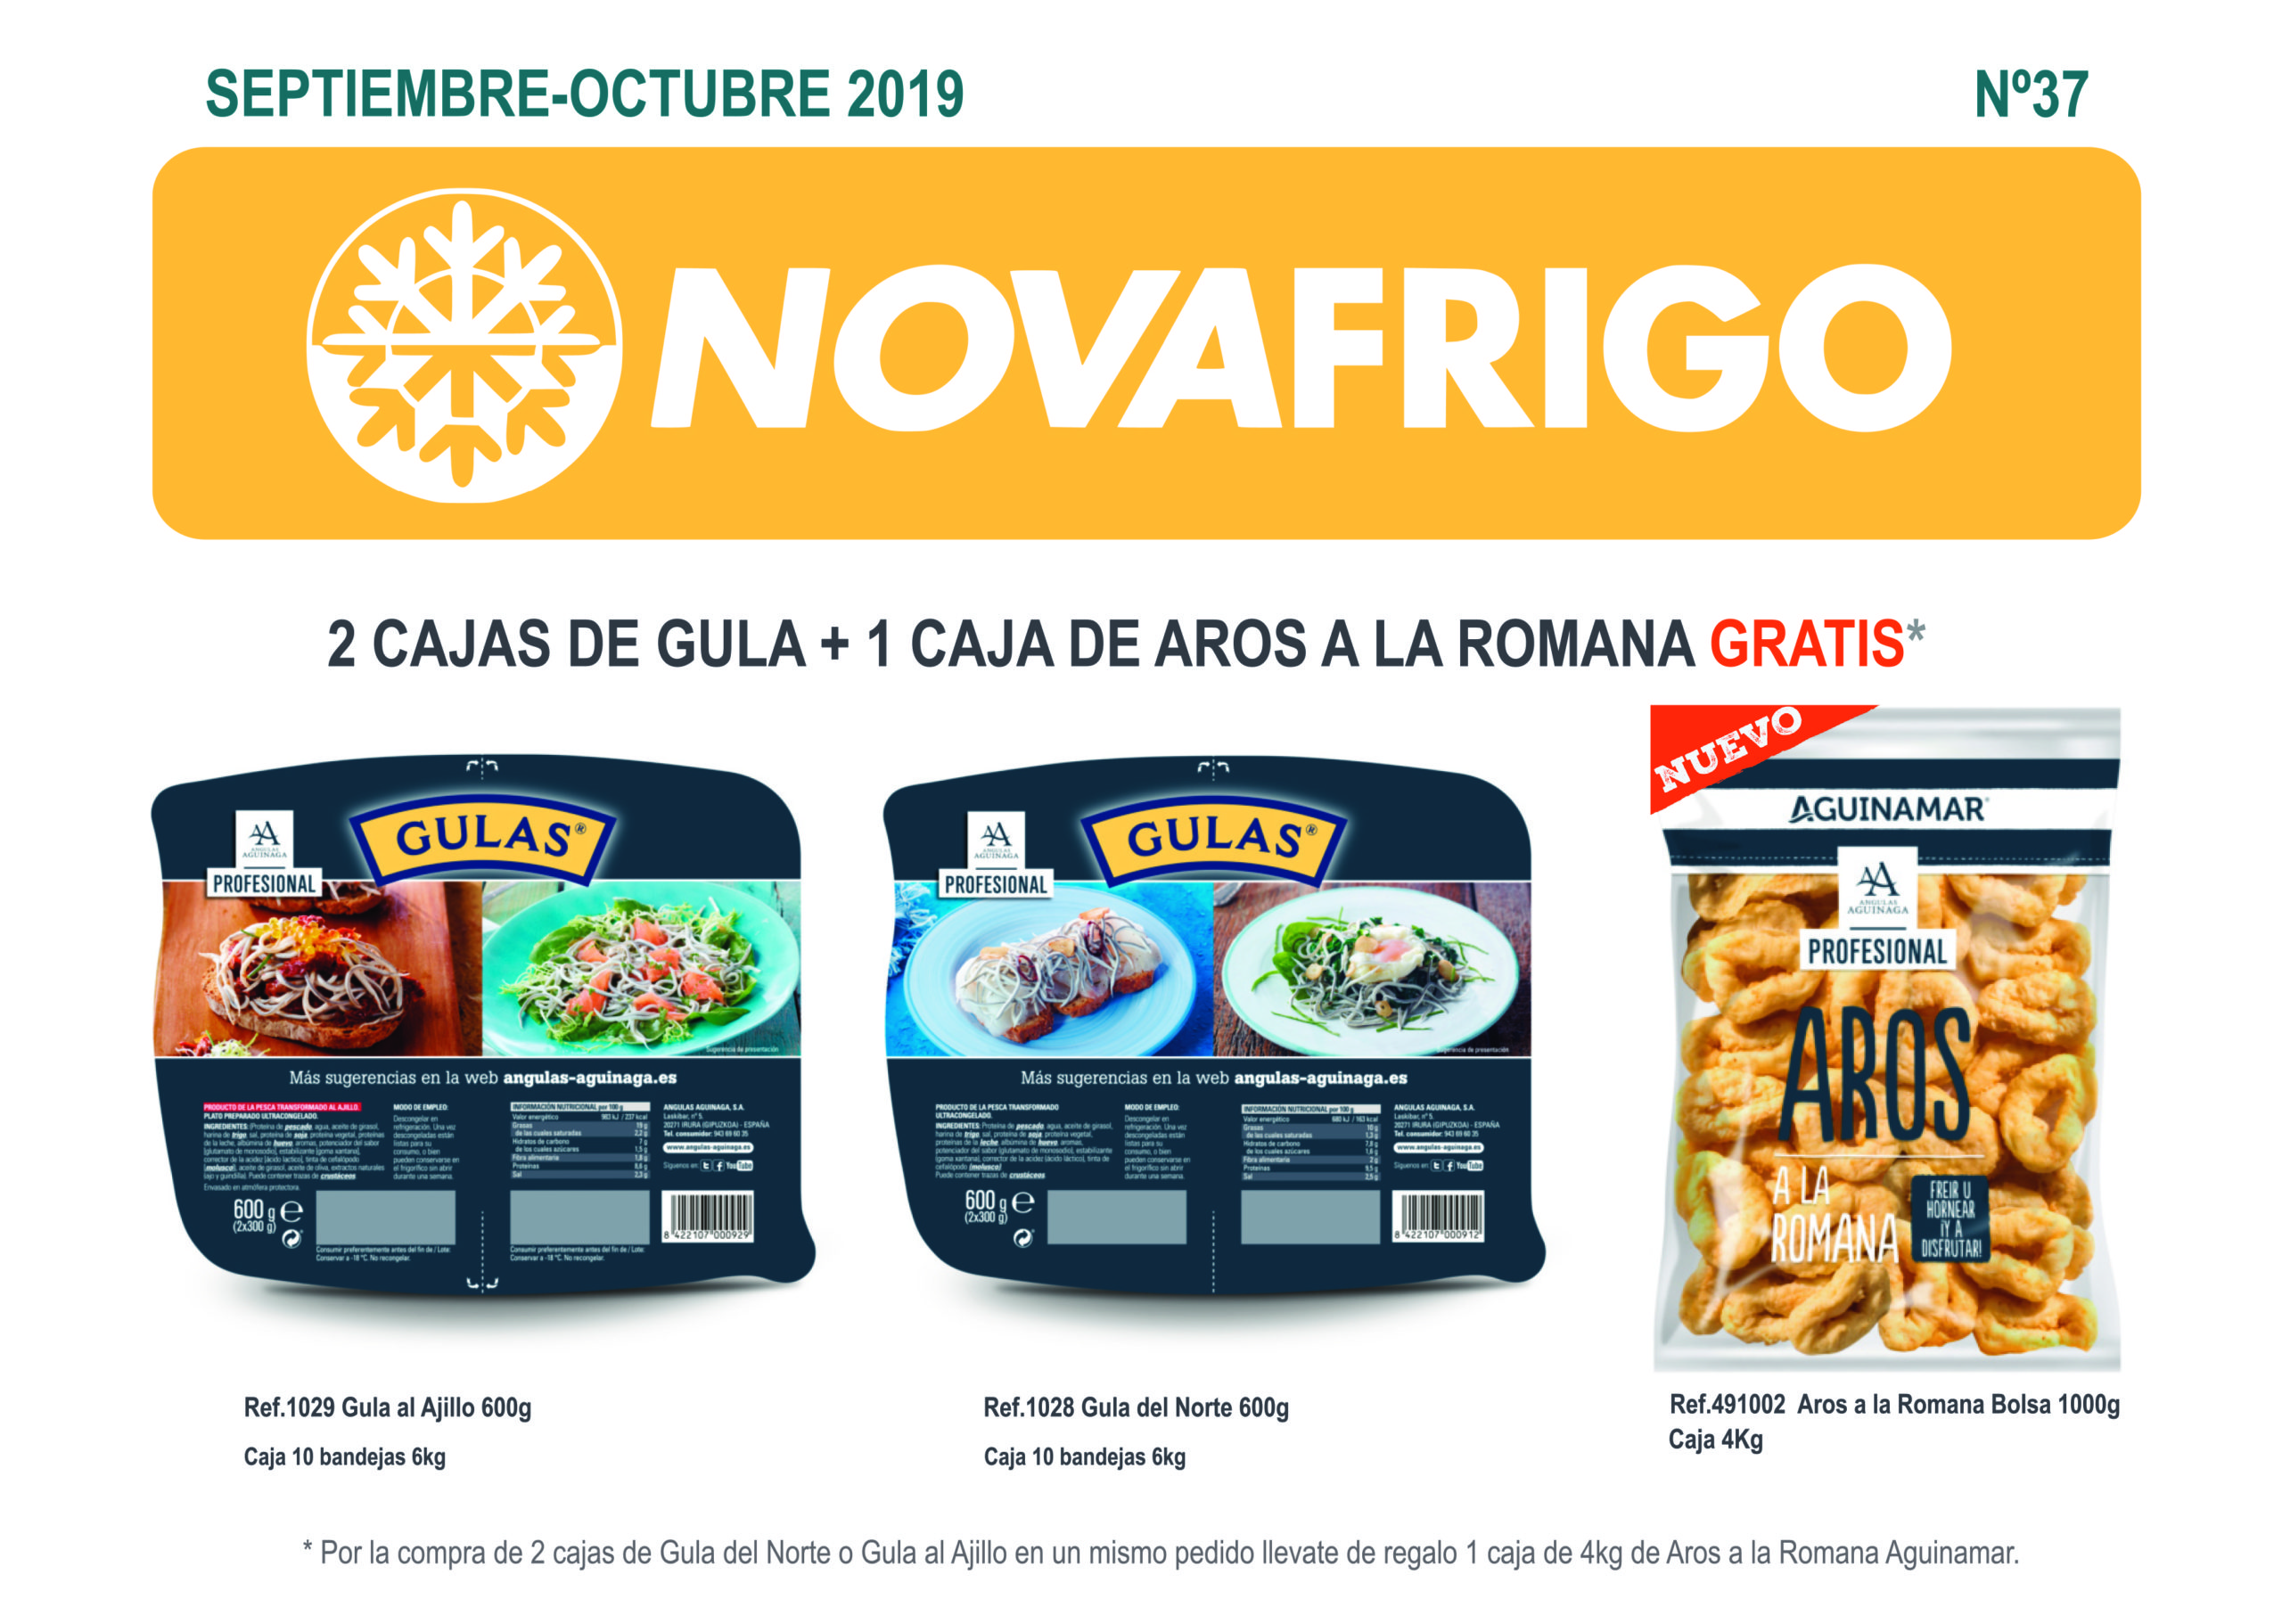 Catálogo comercial Novafrigo septiembre-octubre 2019